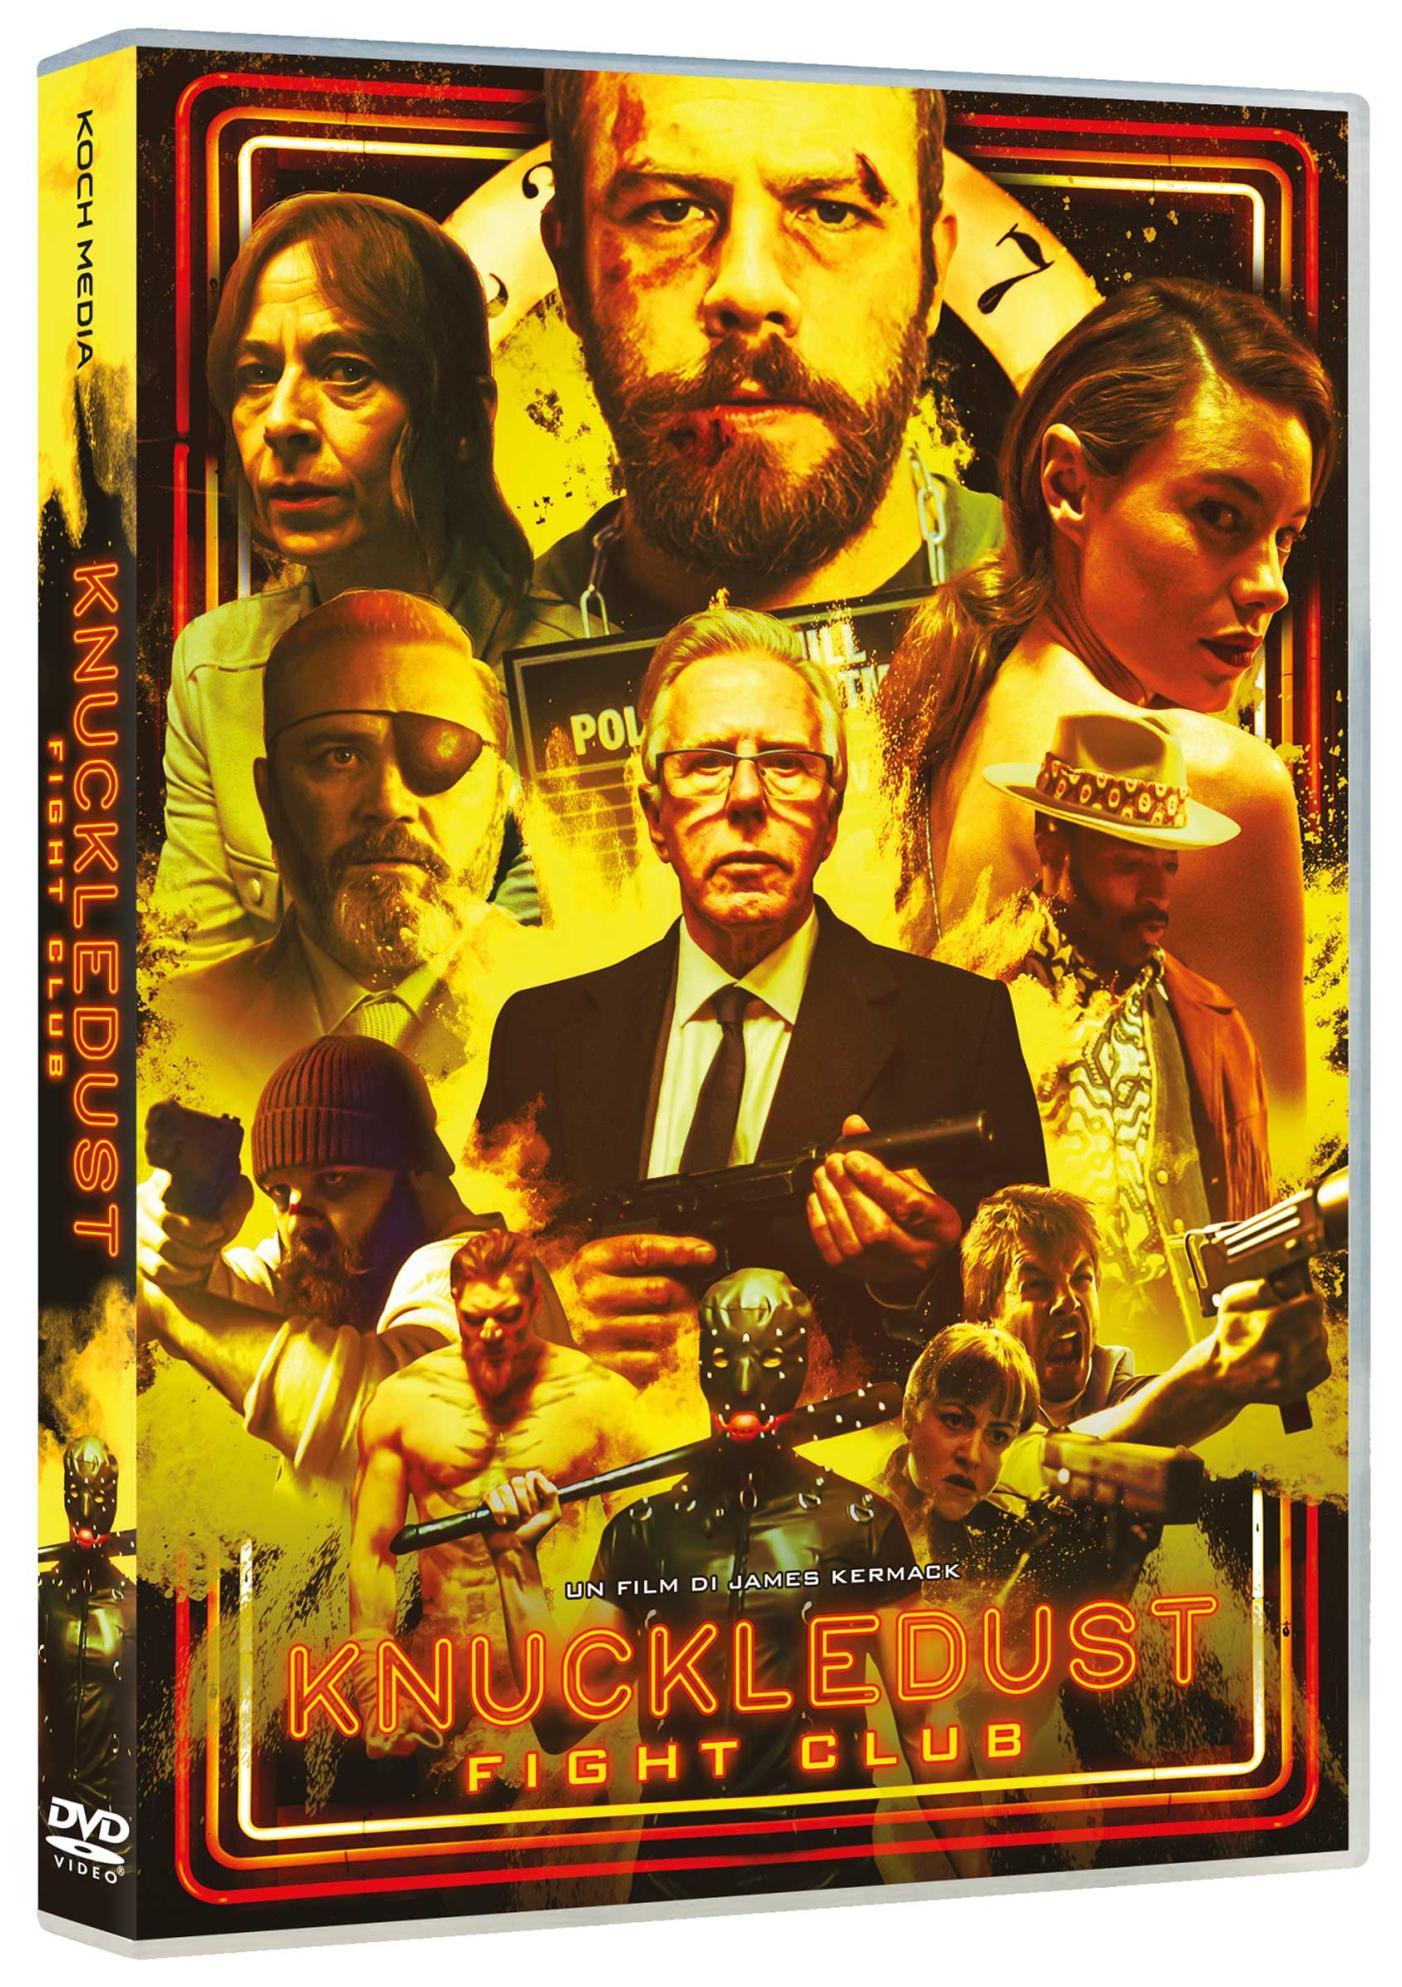 KNUCKLEDUST - FIGHT CLUB (DVD)